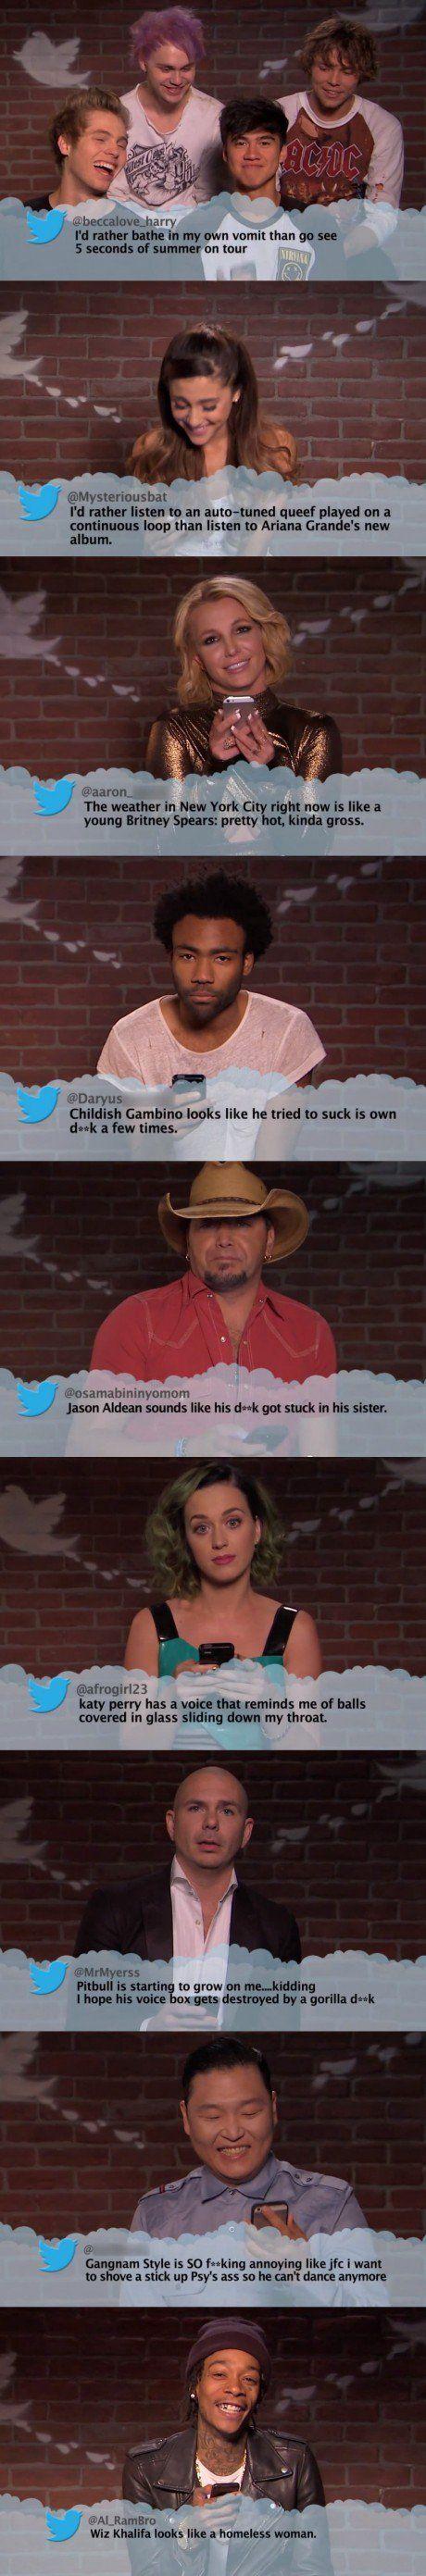 Celebrities Read Mean Tweets #5 - Late Night Feud